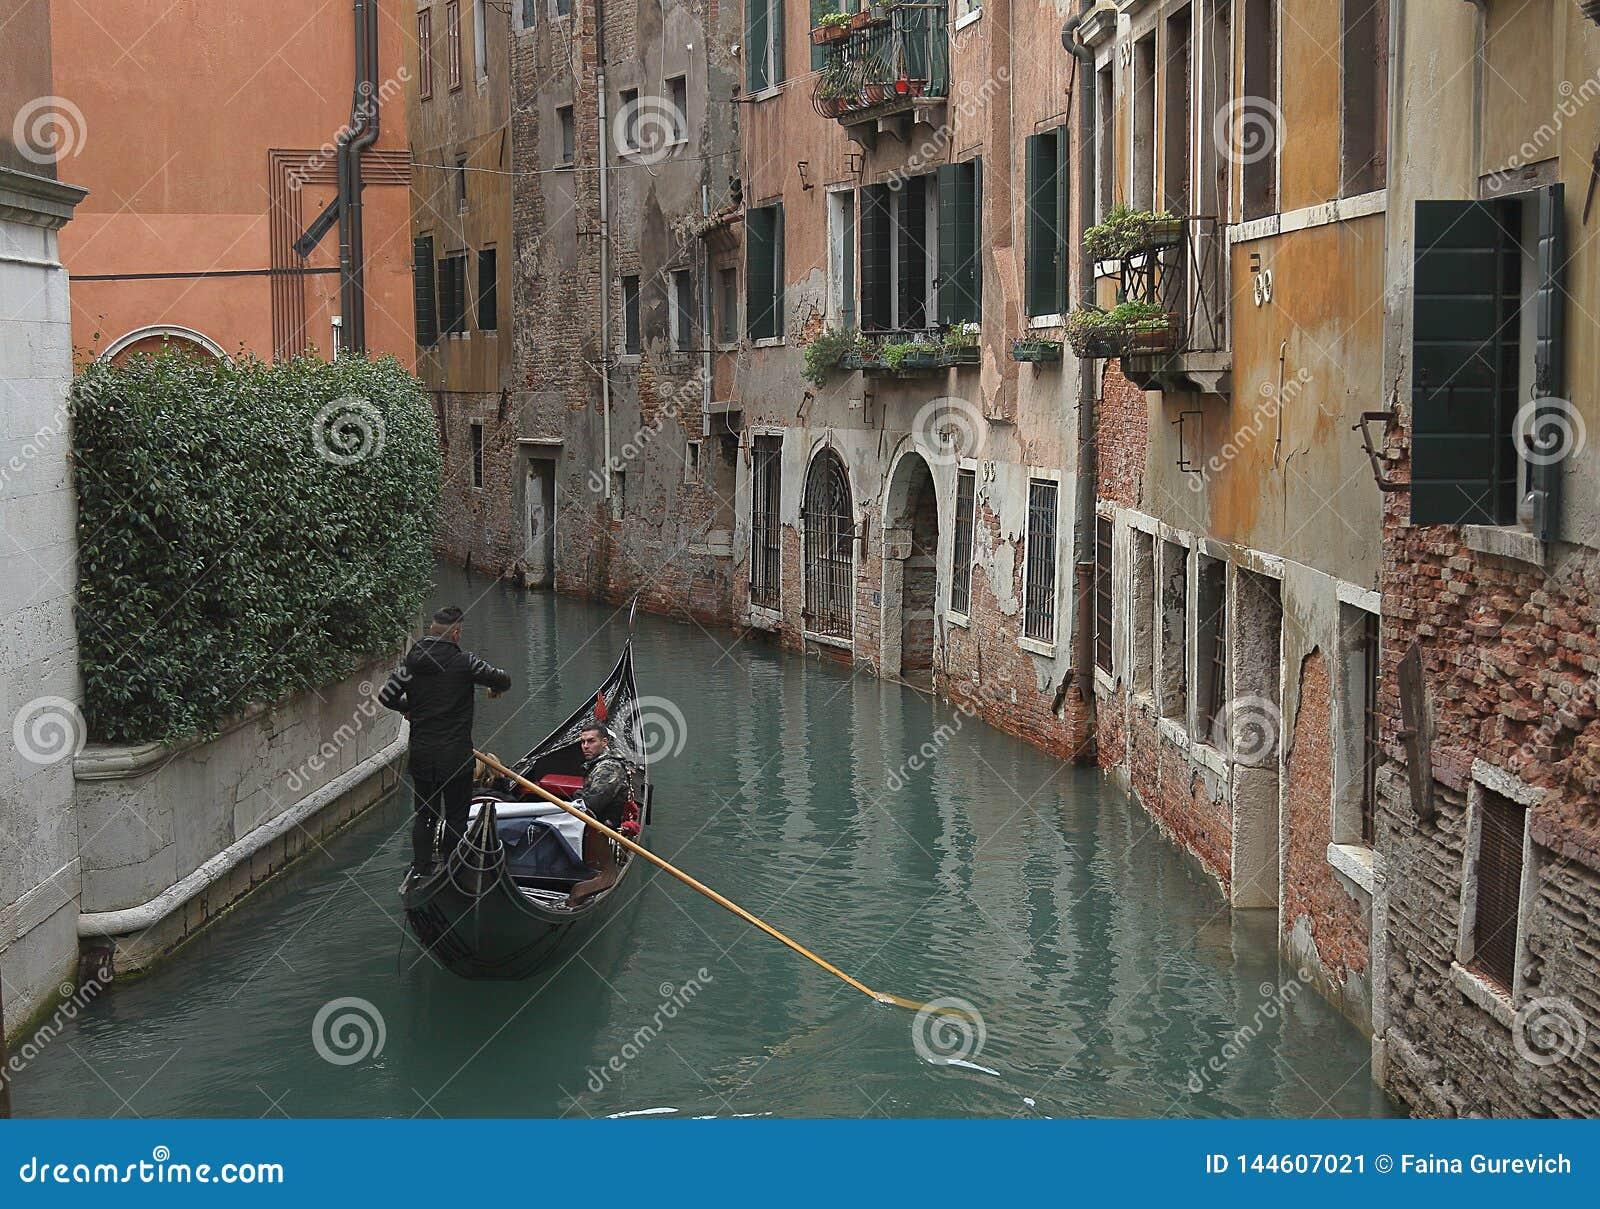 Gondole avec des touristes sur un canal étroit entouré par de vieux bâtiments à Venise